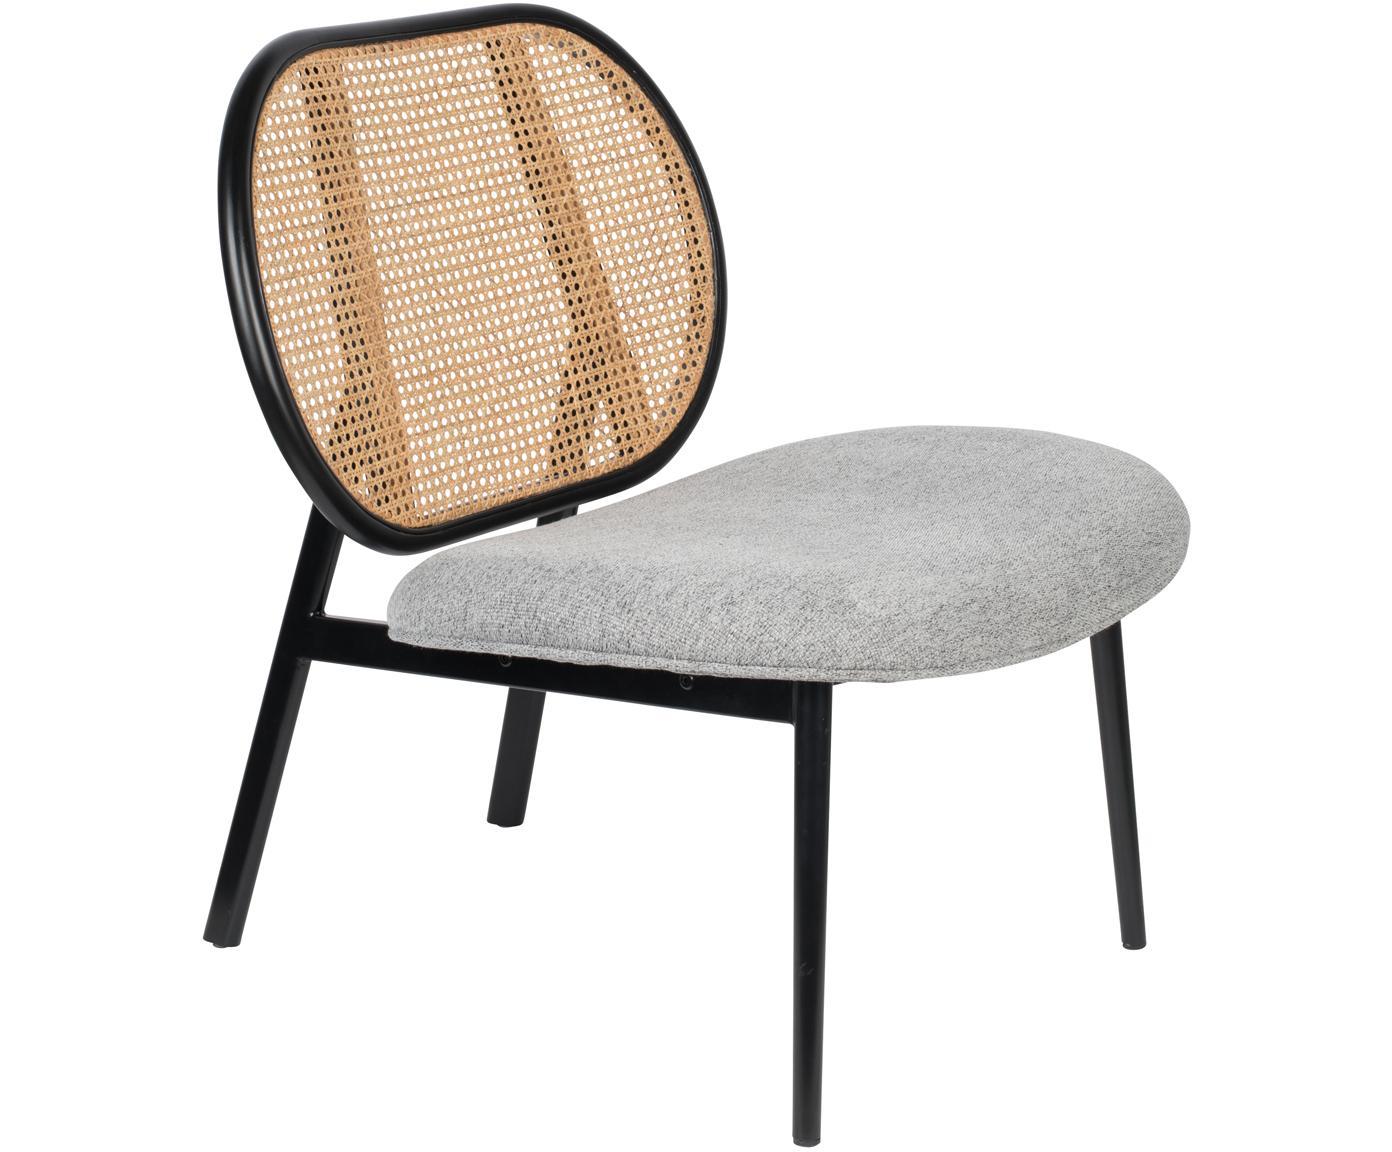 Loungefauteuil Spike, Bekleding: polyester, Frame: rotan, beukenhout, Poten: gepoedercoat metaal, Beige, grijs, B 79 x D 70 cm